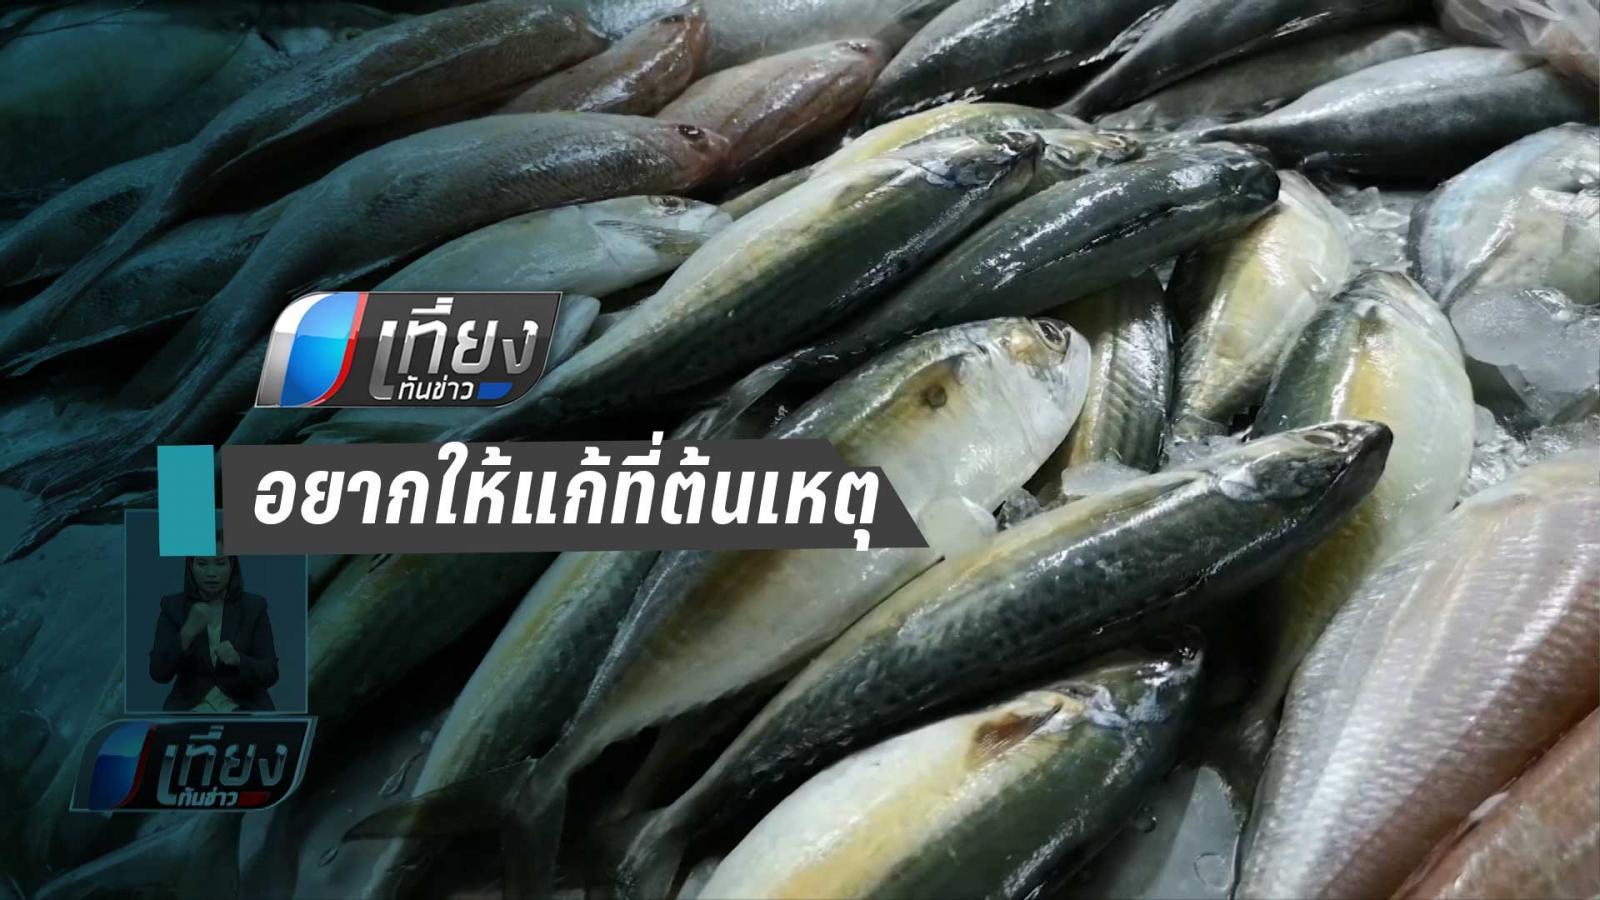 เปิดใจนักวิจัย ไมโครพลาสติกในปลาทู